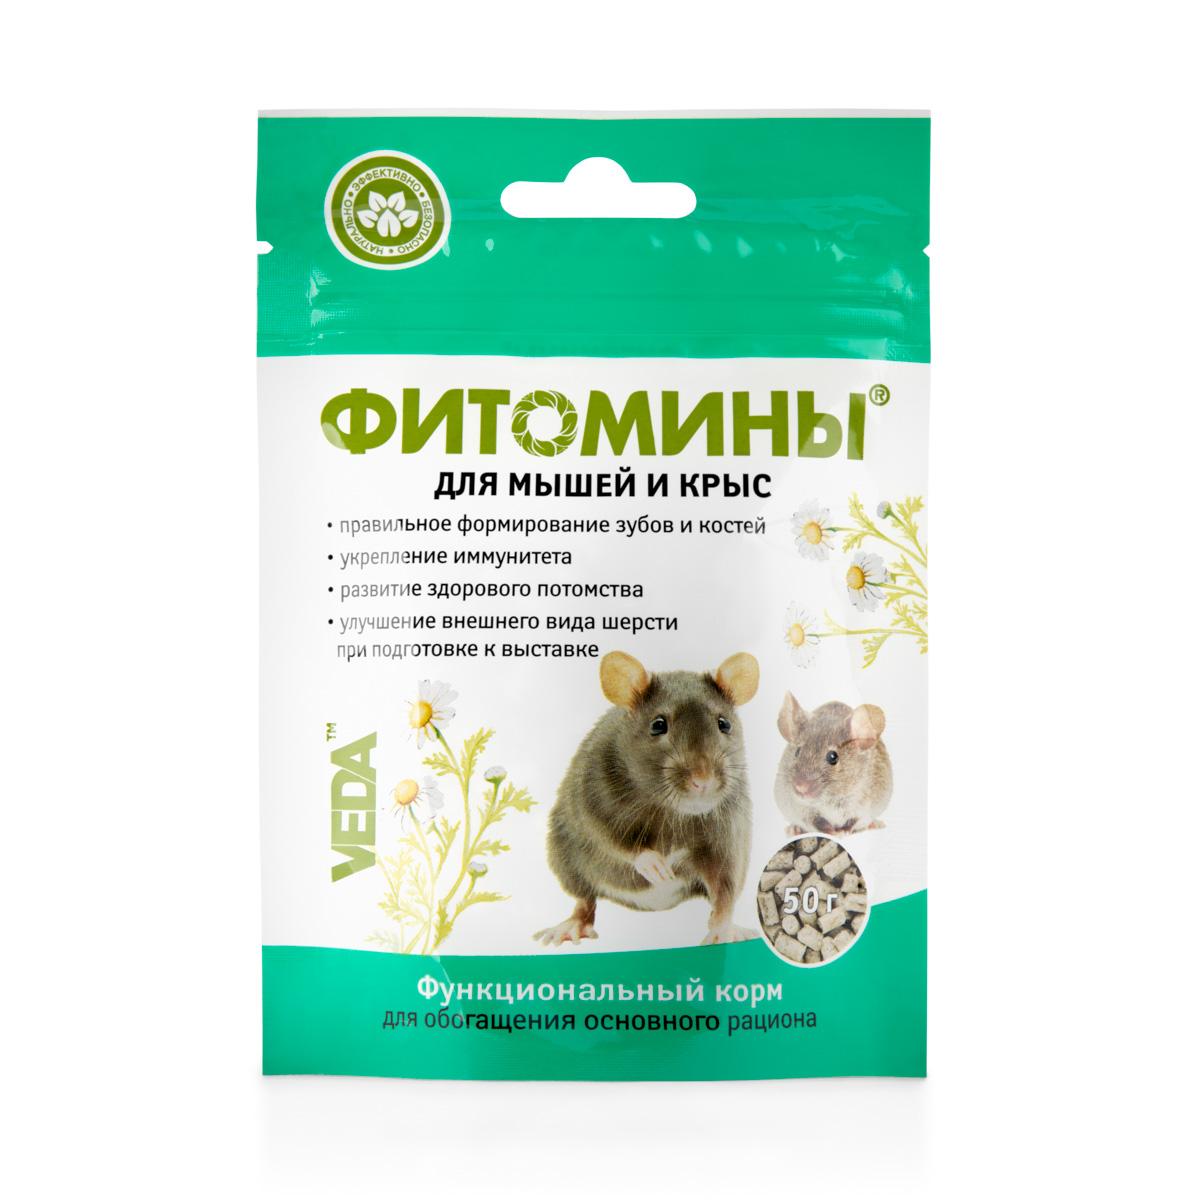 Корм для мышей и крыс VEDA Фитомины, функциональный , 50 г4605543006203Корм функциональный VEDA Фитомины восполняет рацион мышей и крыс дефицитными витаминами, макро- и микроэлементами.Рекомендуется включать в рацион:- для правильного формирования зубов и костей, - для укрепления общего иммунитета, - для обеспечения рождения здорового потомства, - при подготовке к выставкам для улучшения состояния шерсти.Состав: сок с мякотью морковный, сок с мякотью тыквенный; природный минеральный комплекс; сера кормовая; фитокомплекс экстрактов растений: цветков лабазника вязолистного, корней одуванчика, травы эхинацеи пурпурной, травы подмаренника, травы тысячелистника, плодов шиповника, корней и корневищ солодки, корней лопуха; обогащенный кальций; ячмень без пленки; сухое обезжиренное молоко; масло подсолнечное; соль поваренная пищевая; ароматизатор. В 100 г продукта содержится (не менее): углеводы 64,0 г; жиры 2,8 г; белки 15,0 г; кальций 600 мг; фосфор 360 мг; железо 15,0 мг; цинк 4 мг; магний 0,1 мг; марганец 0,1 мг; медь 0,3 мг; сера 200 мг; каротин 0,4 мг.Энергетическая ценность в 100 г: 340 ккал.Товар сертифицирован.